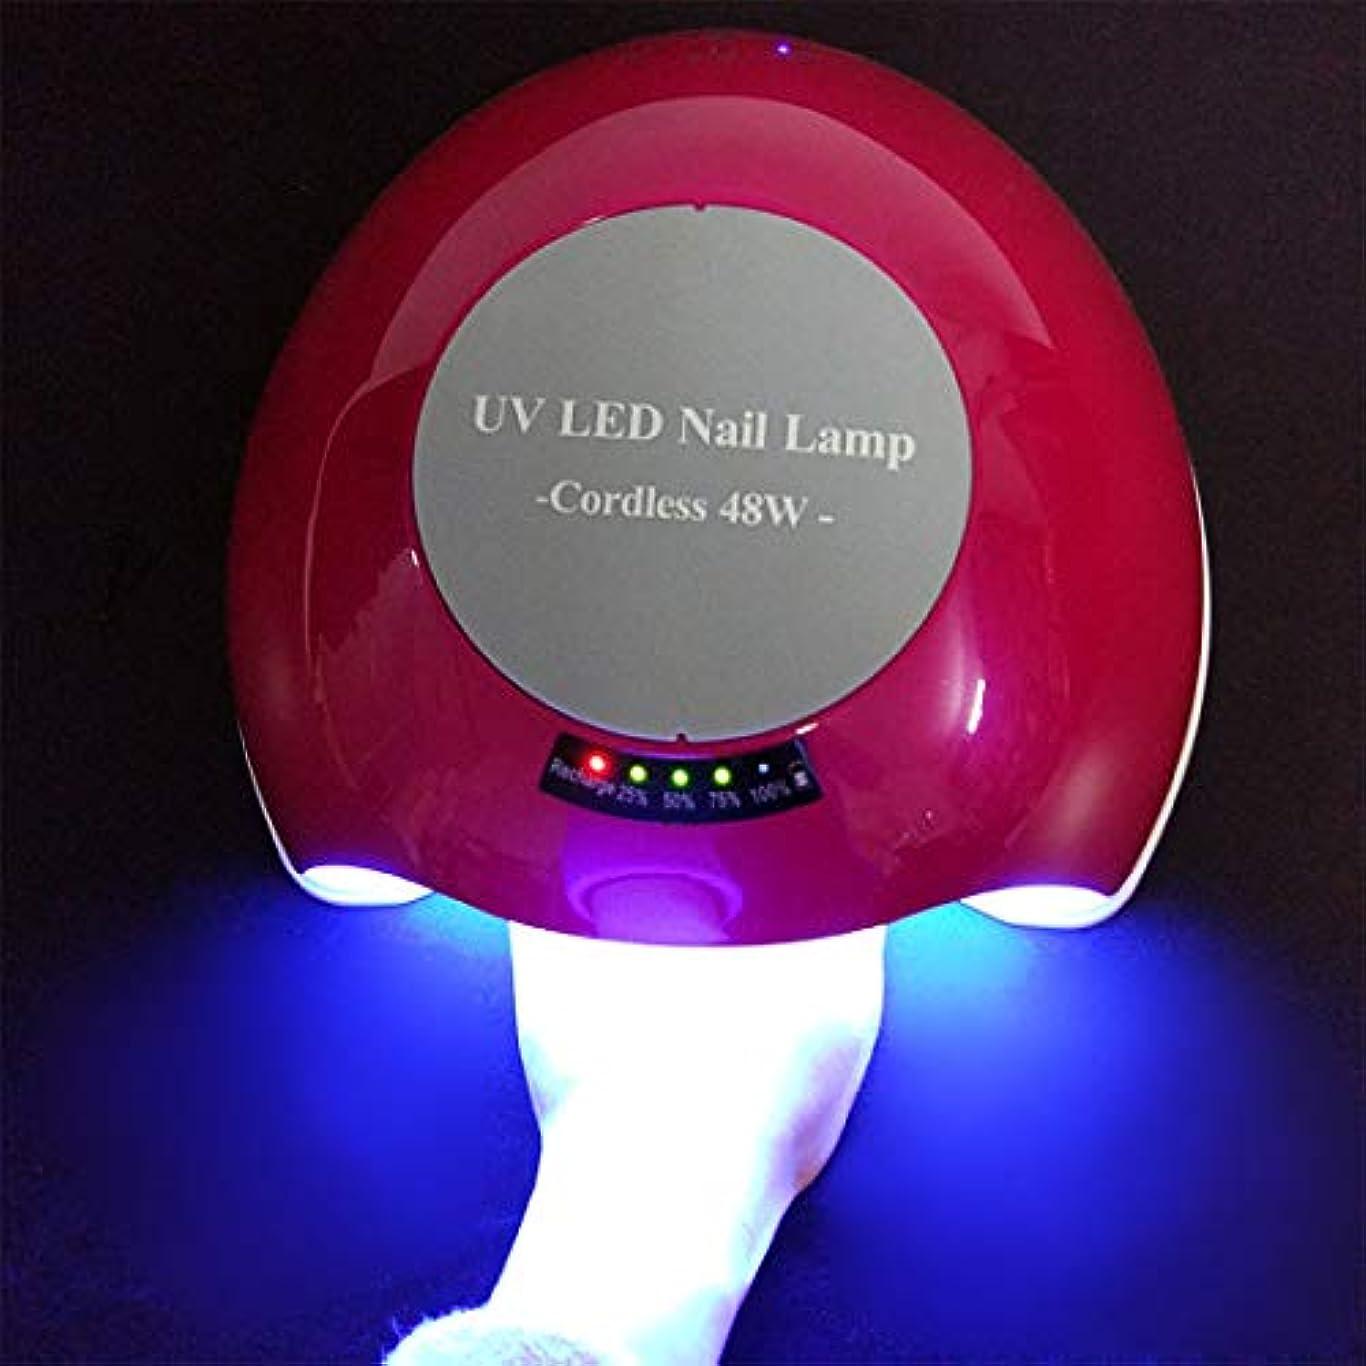 遠い維持する直接シェラックおよびゲルの釘のための48W専門の紫外線およびLEDの釘ランプそして釘のドライヤーの表示,Red